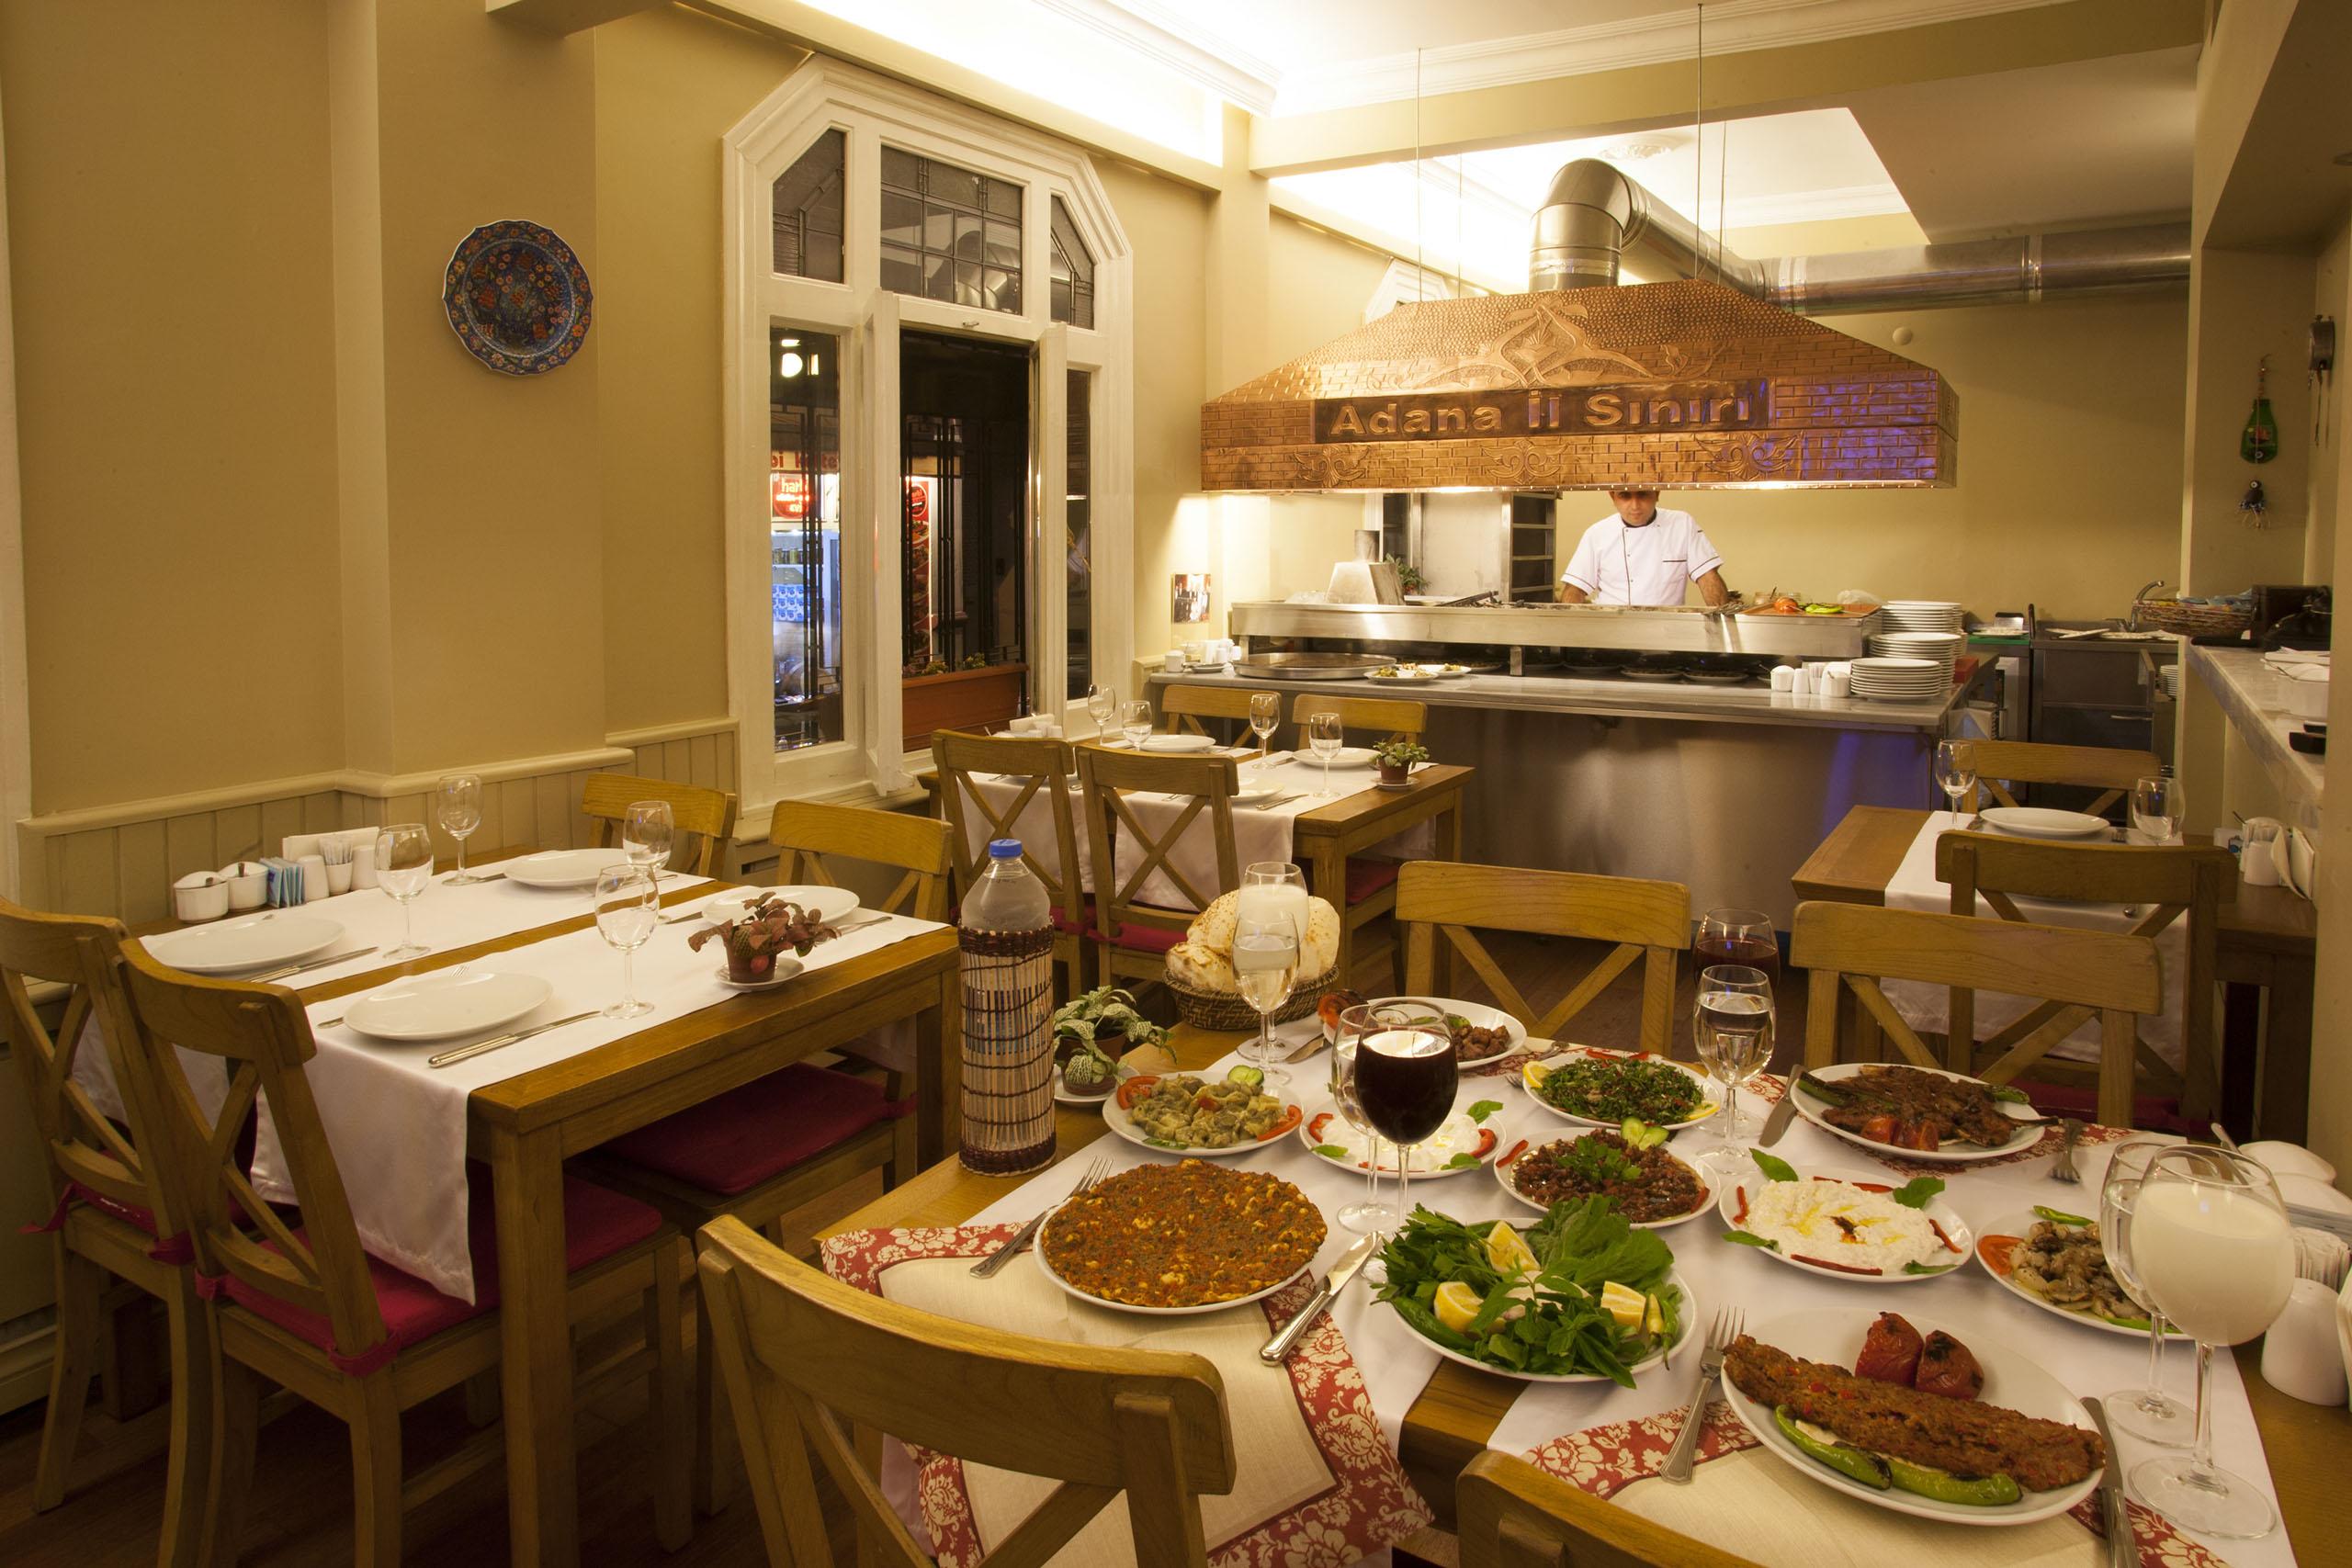 Restoran Buhara Ocakbasi Istanbul